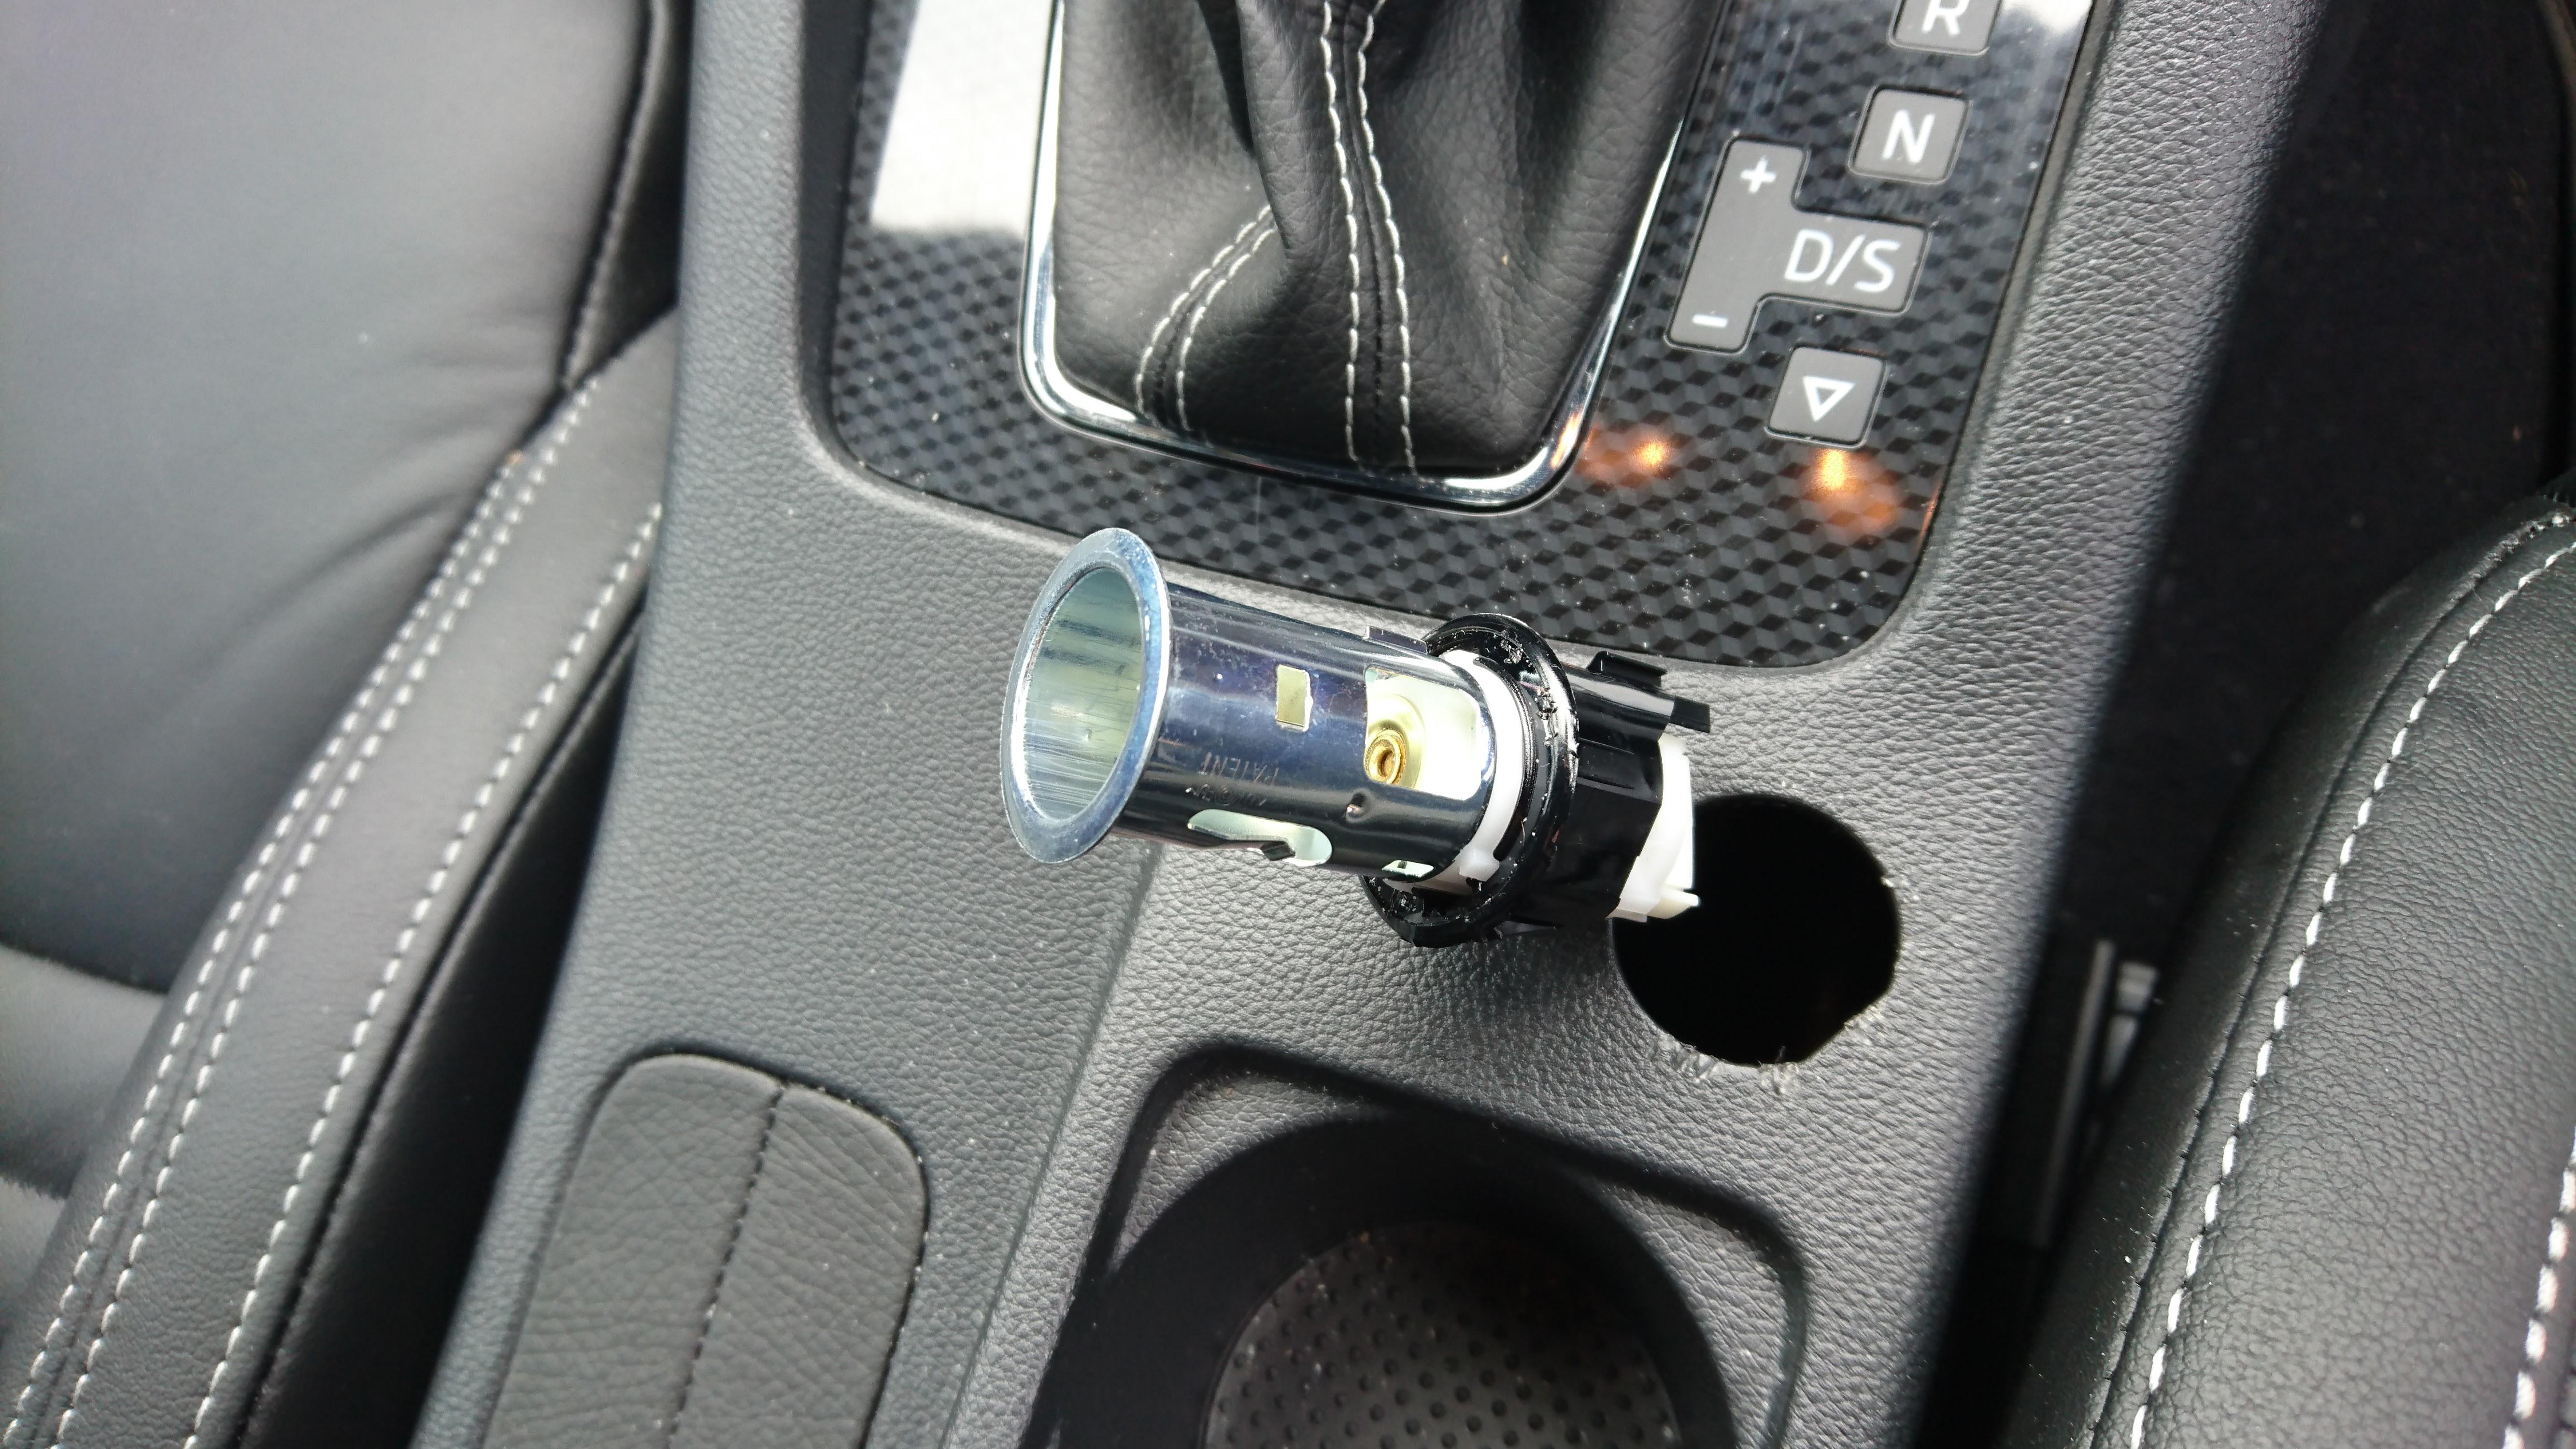 cigarette lighter socket removal help skoda octavia mk iii 2013 onward briskoda